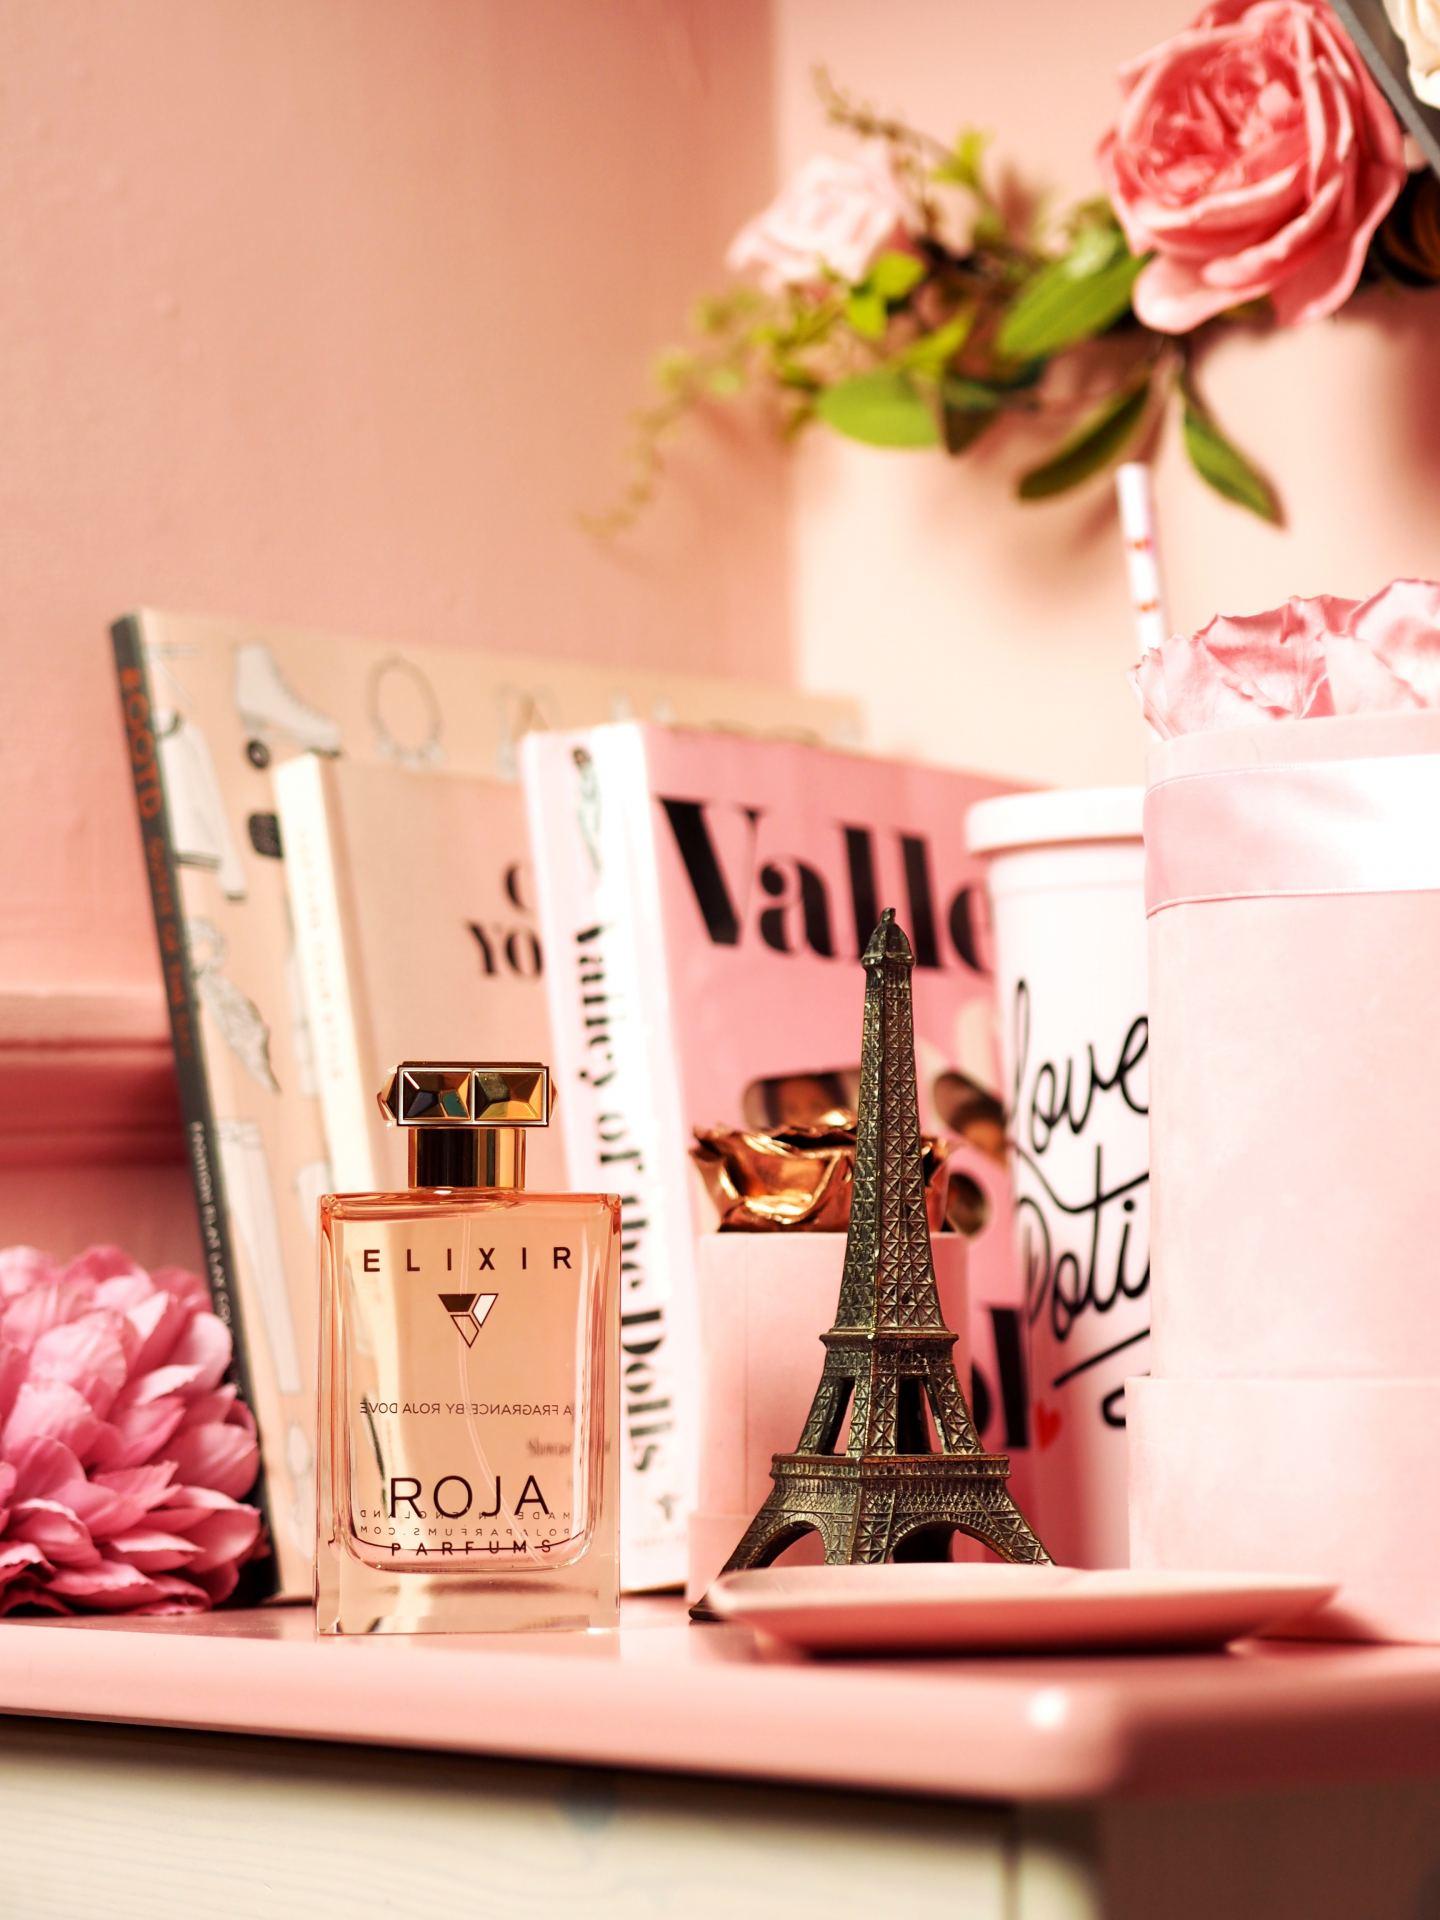 Roja Parfums 'Elixir' perfume fragrance review